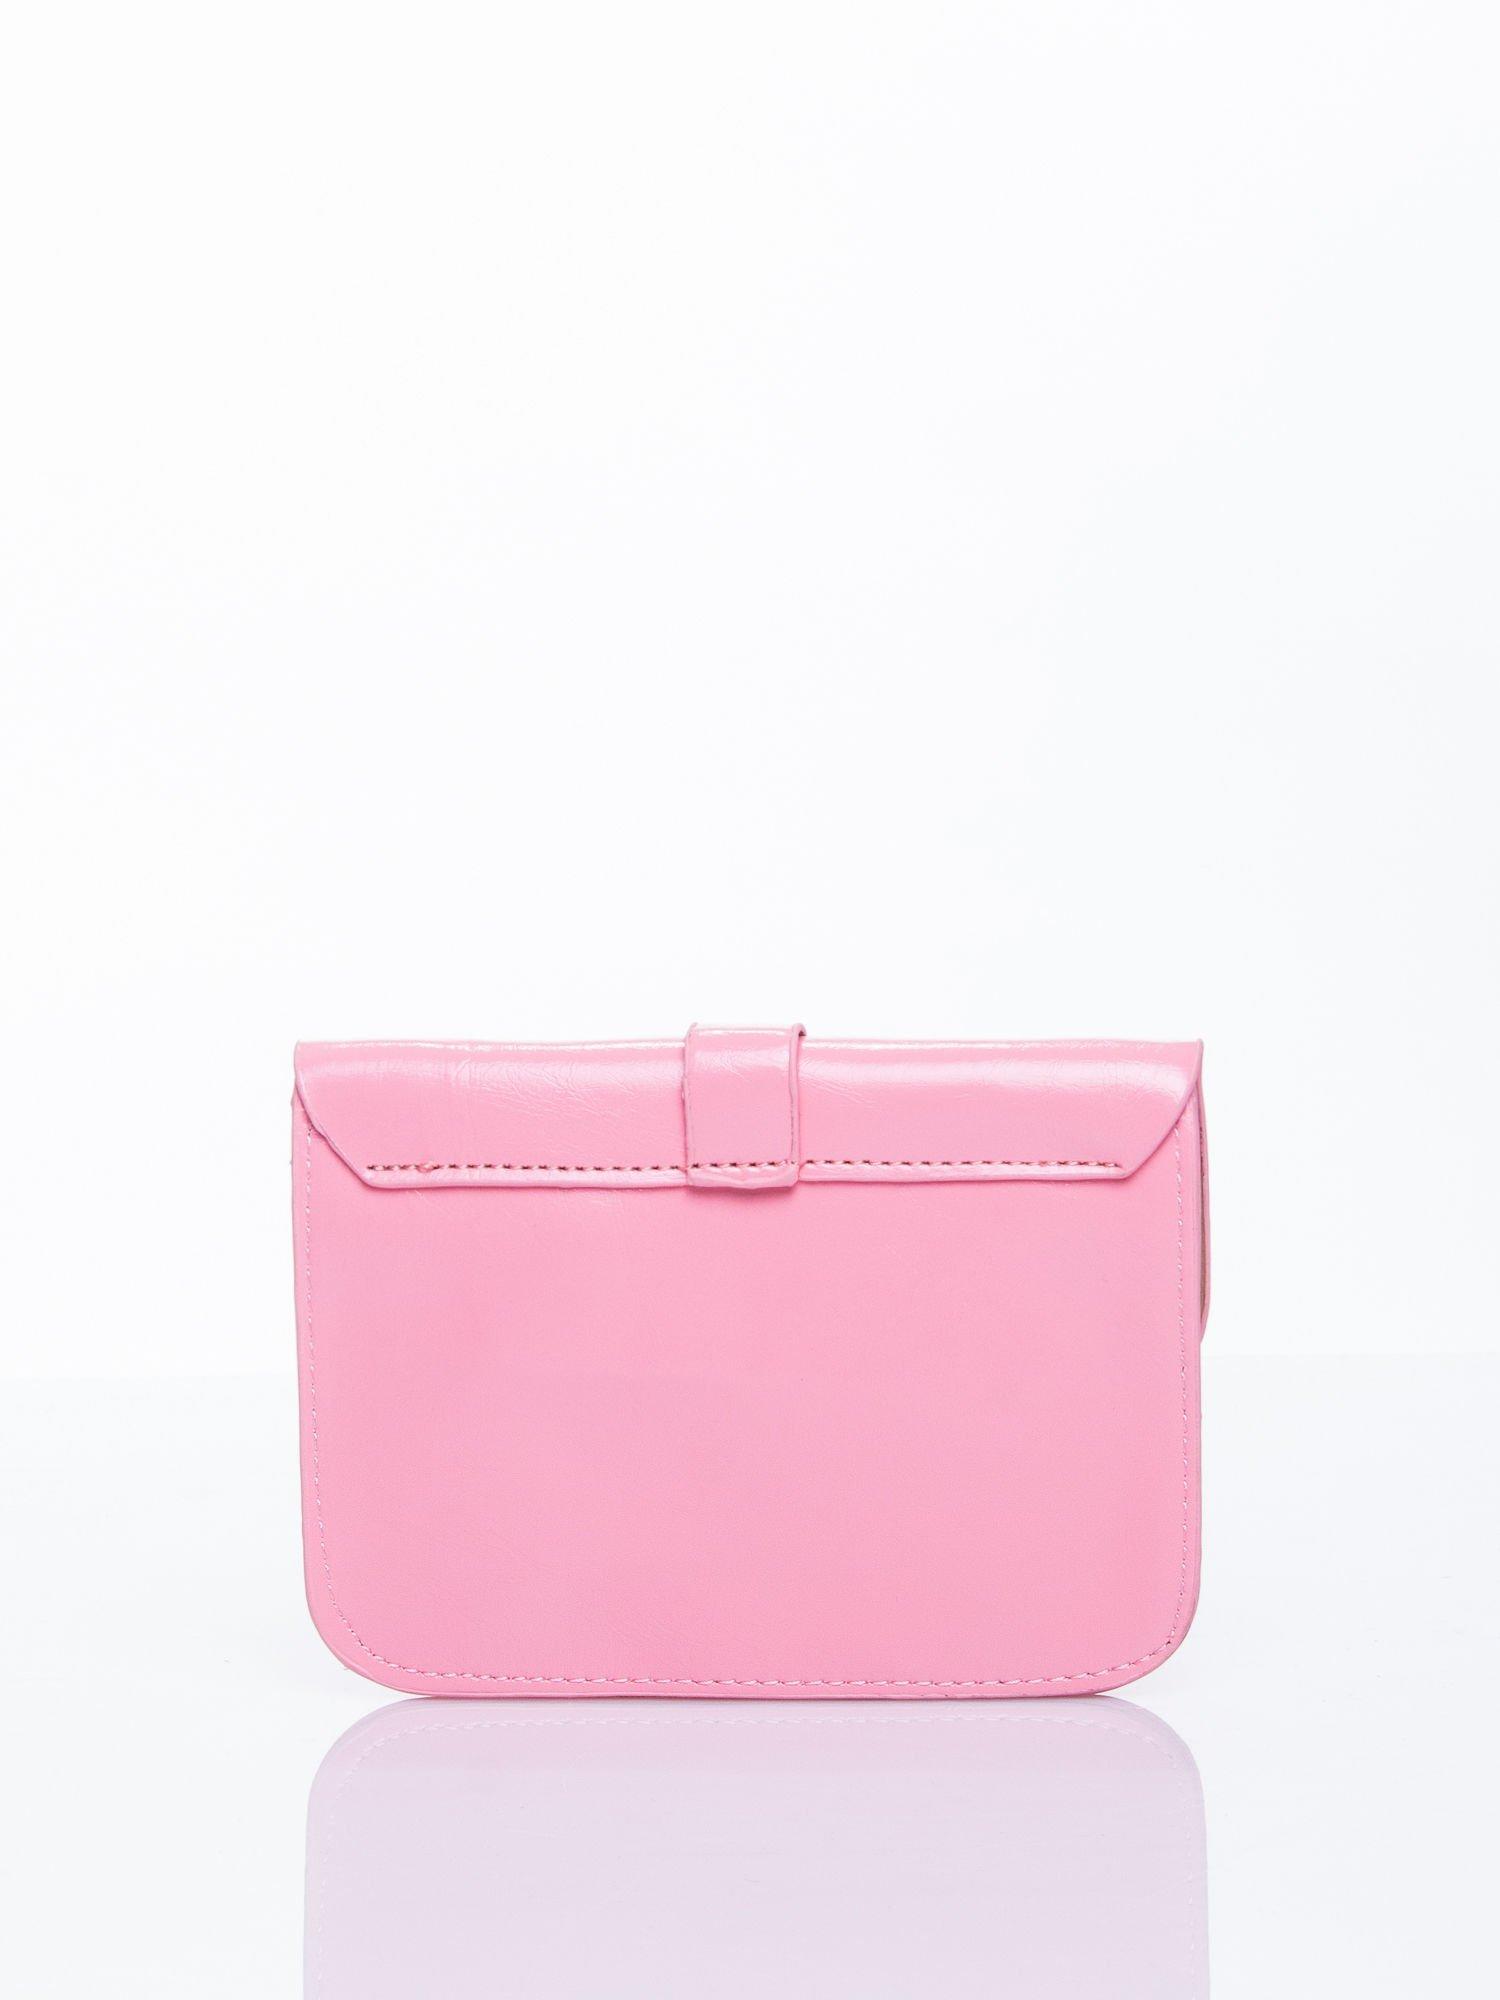 Różowa torebka listonoszka z klapką                                  zdj.                                  2